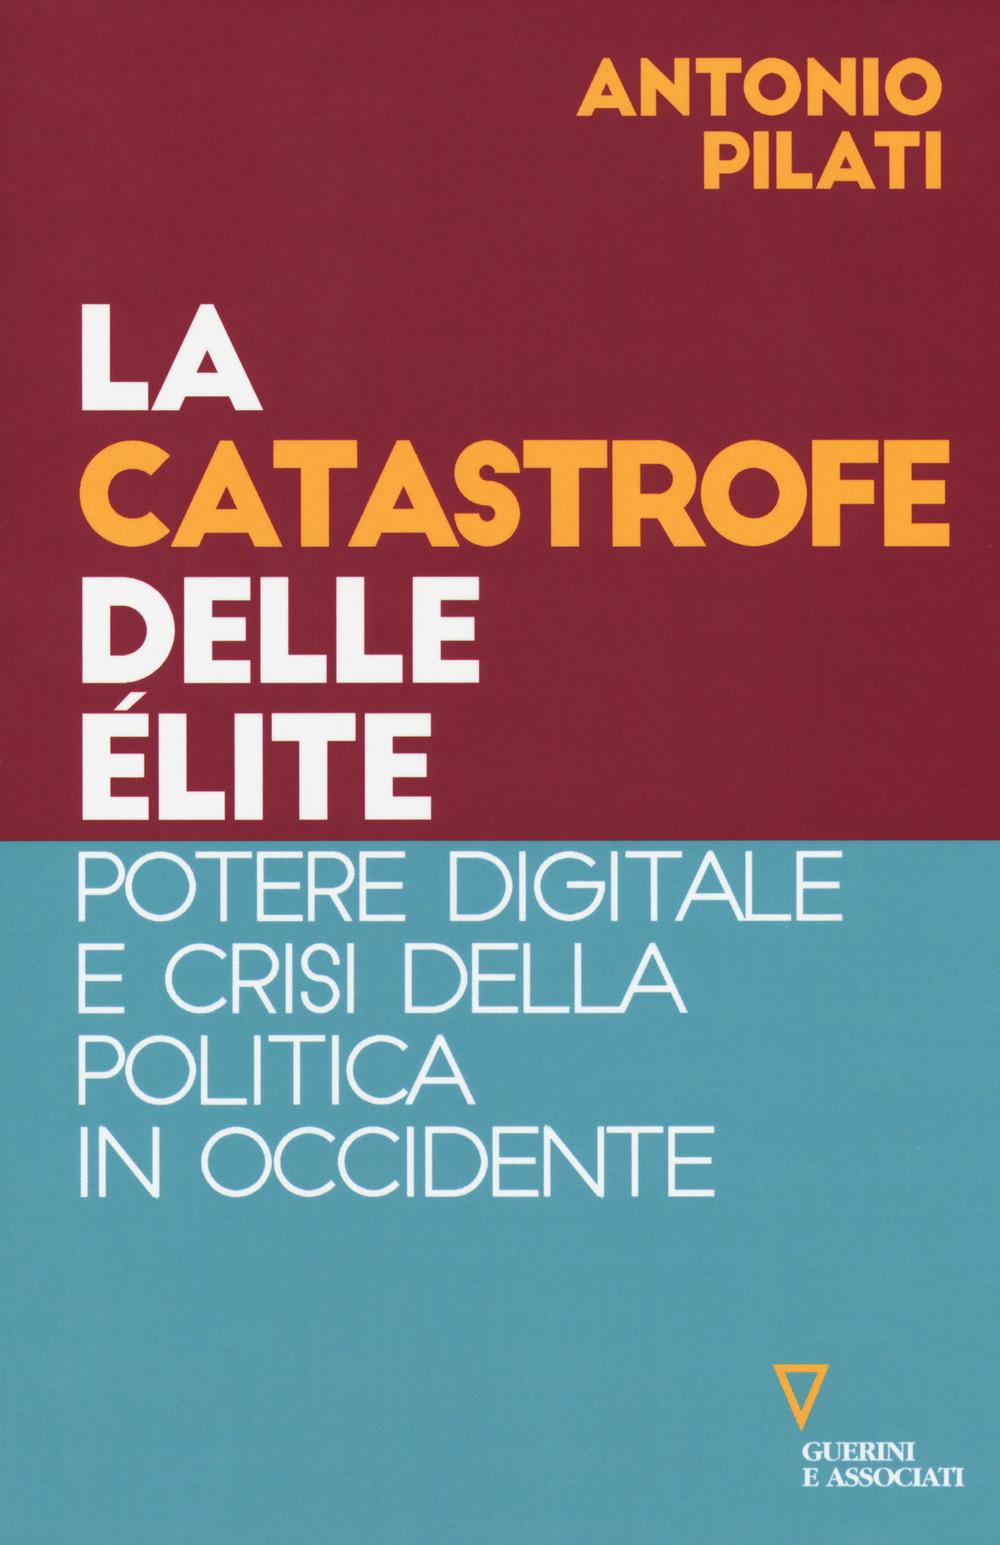 CATASTROFE DELLE ÉLITE. POTERE DIGITALE E CRISI DELLA POLITICA IN OCCIDENTE (LA) - 9788862507356